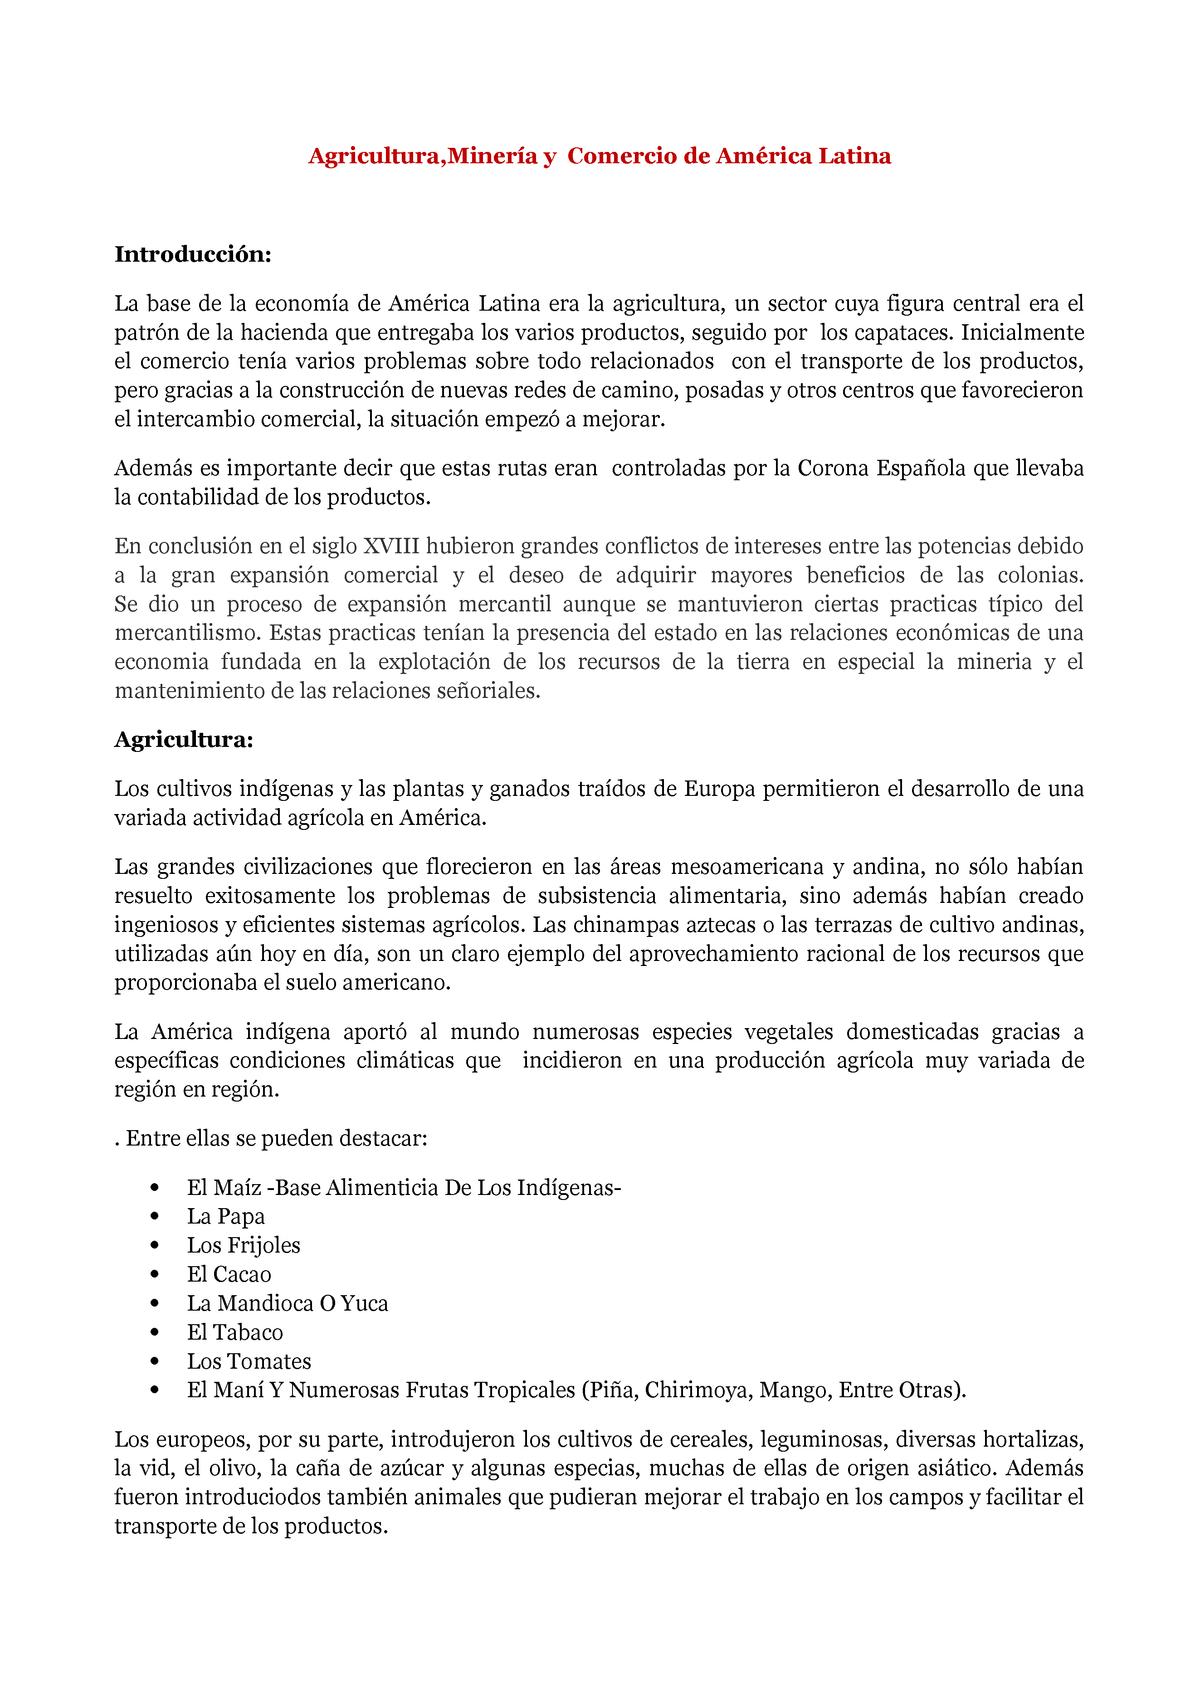 Agricultura Minería Y Comercio De América Latina